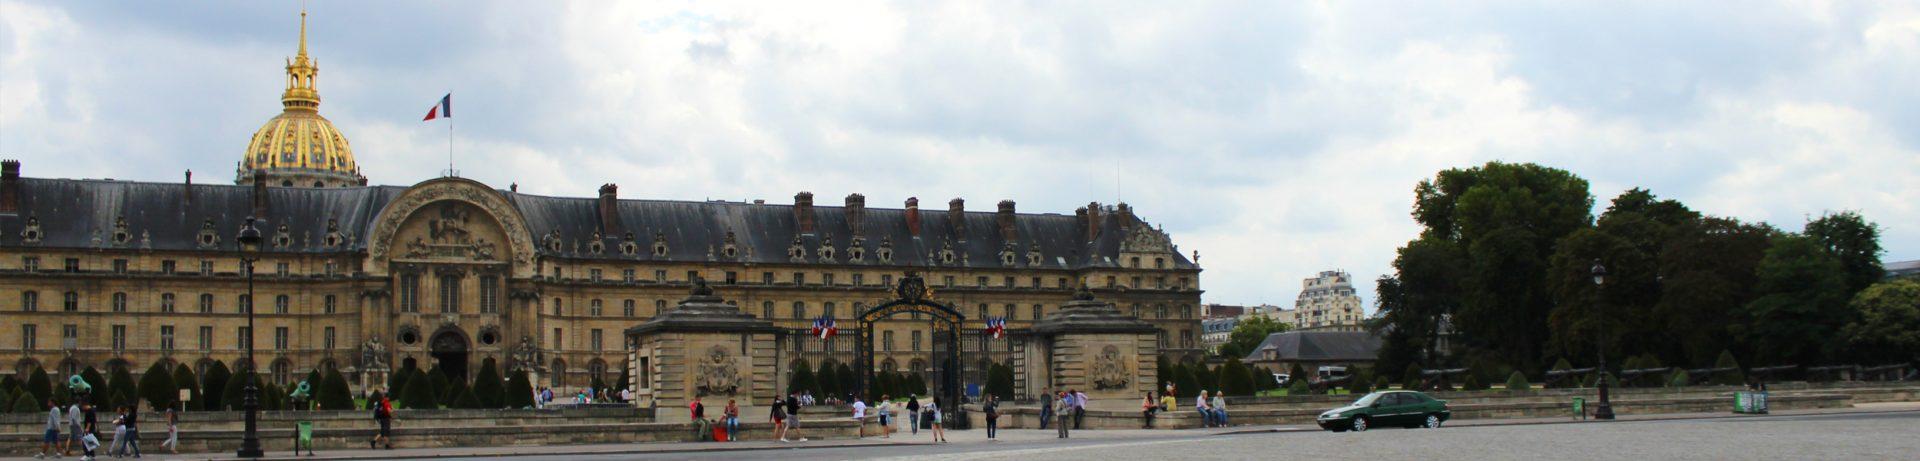 Przewodnik po Paryżu - Plac Inwalidów